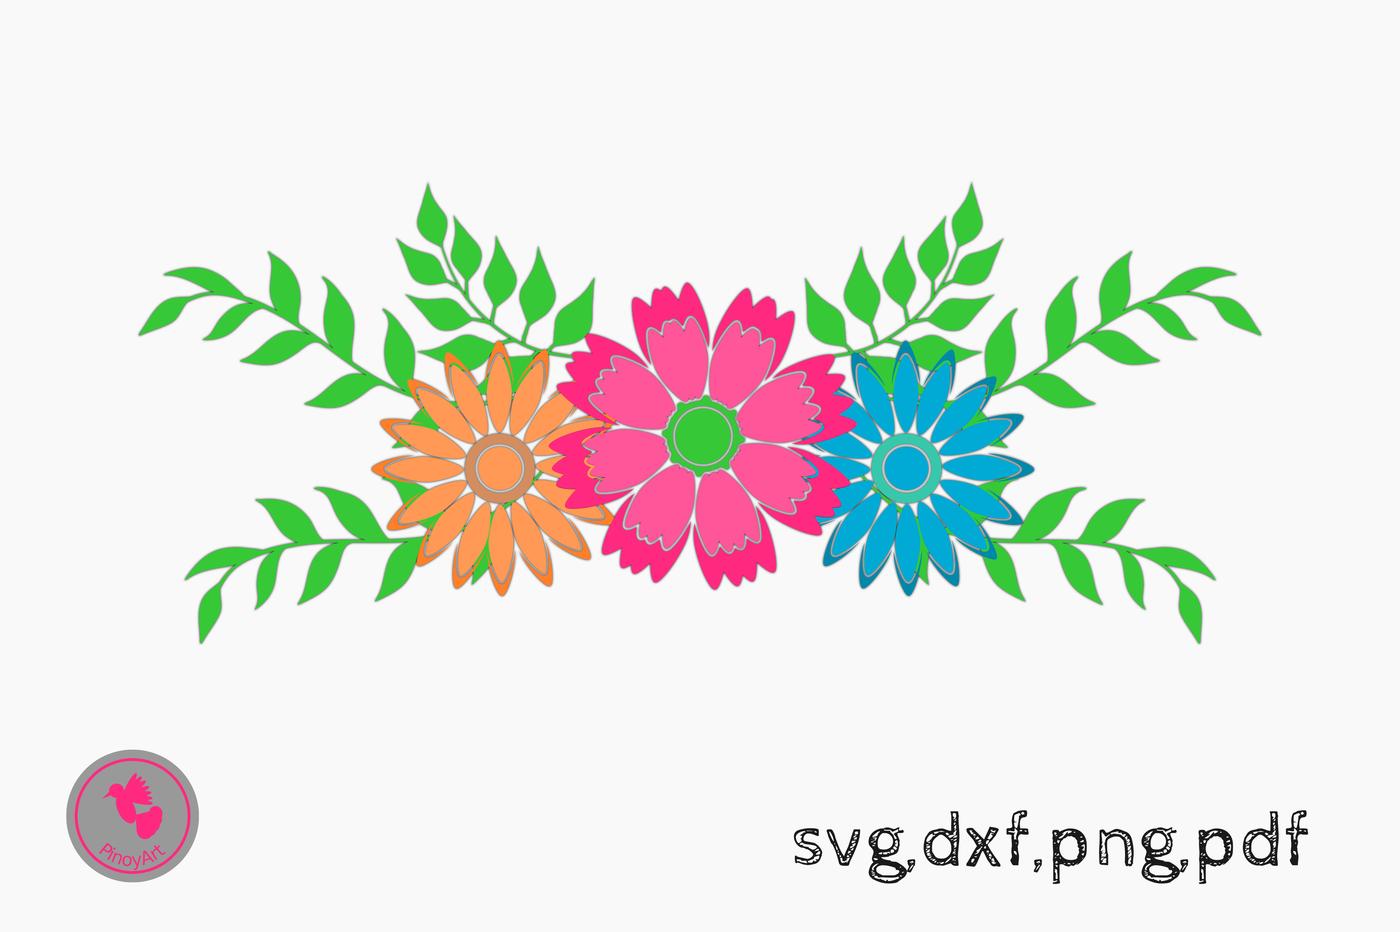 1400x932 Flower Svg, Flower Svg File, Flower Png, Flower Pdf, Flower Clip